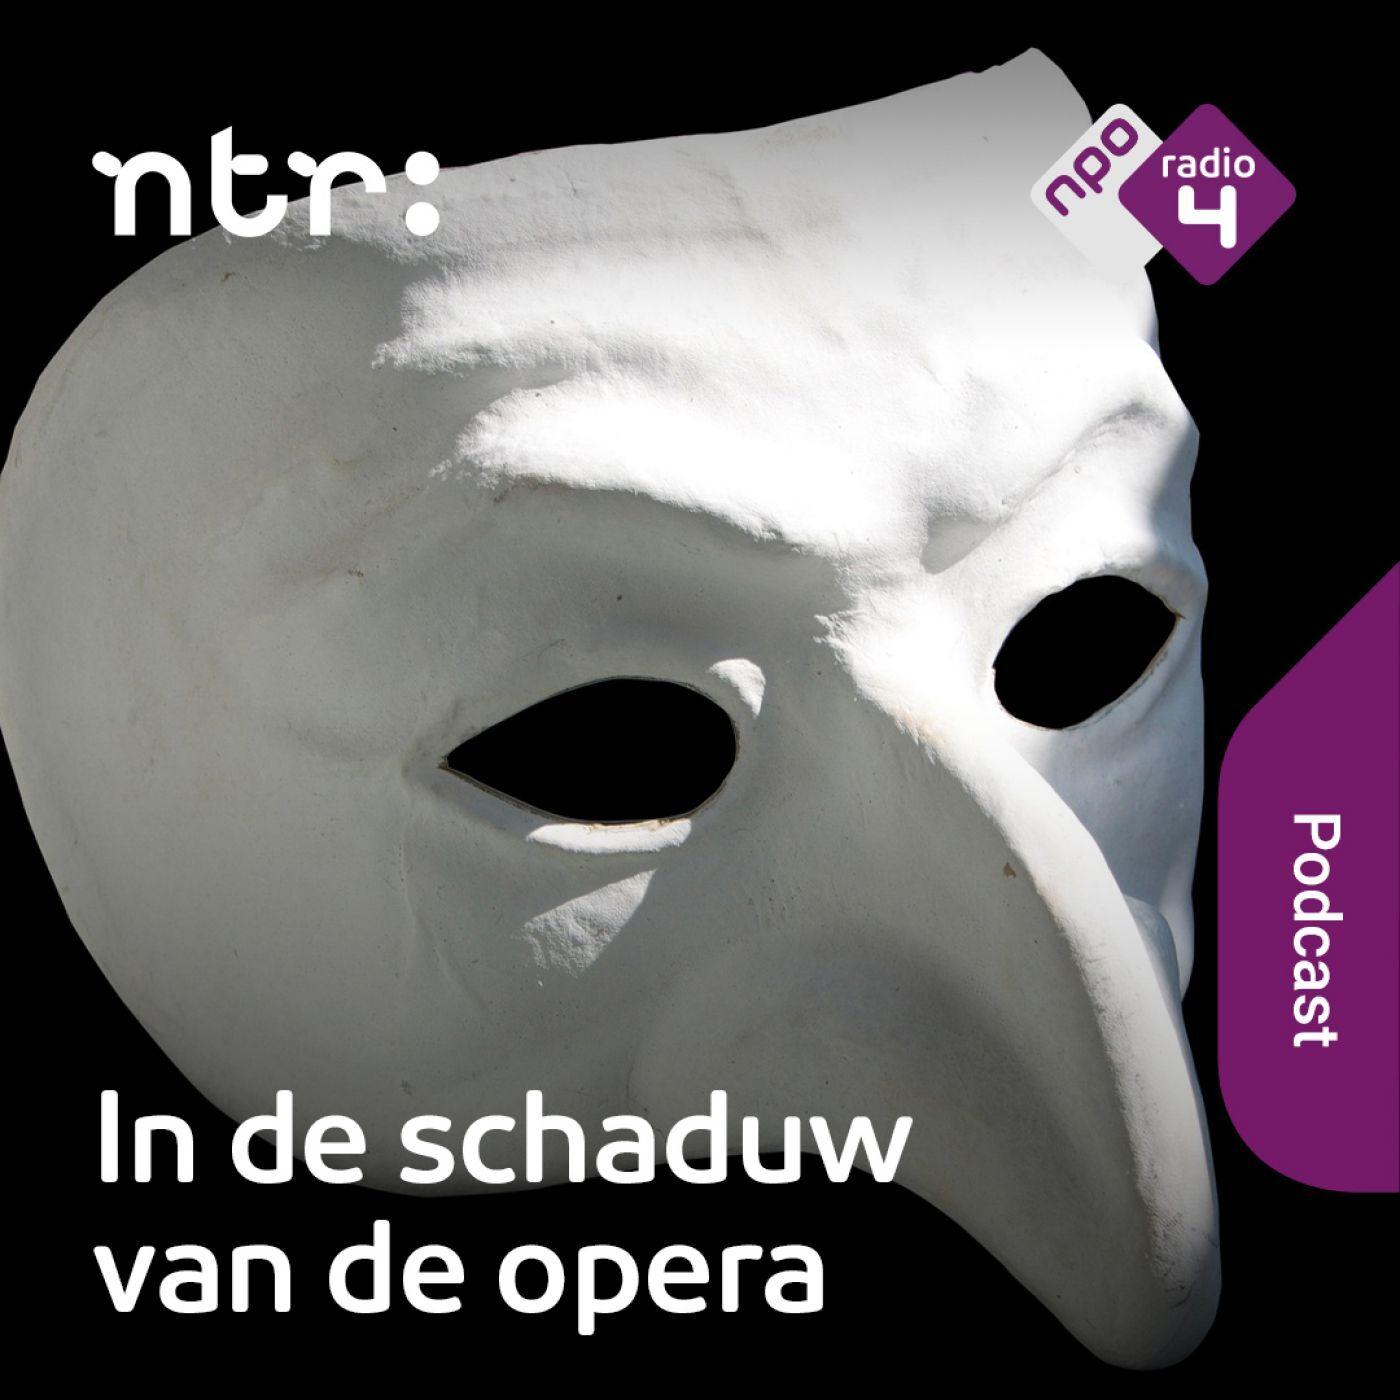 In de schaduw van de opera 1400 e2490495f1367c2769a2a8454bb75f11